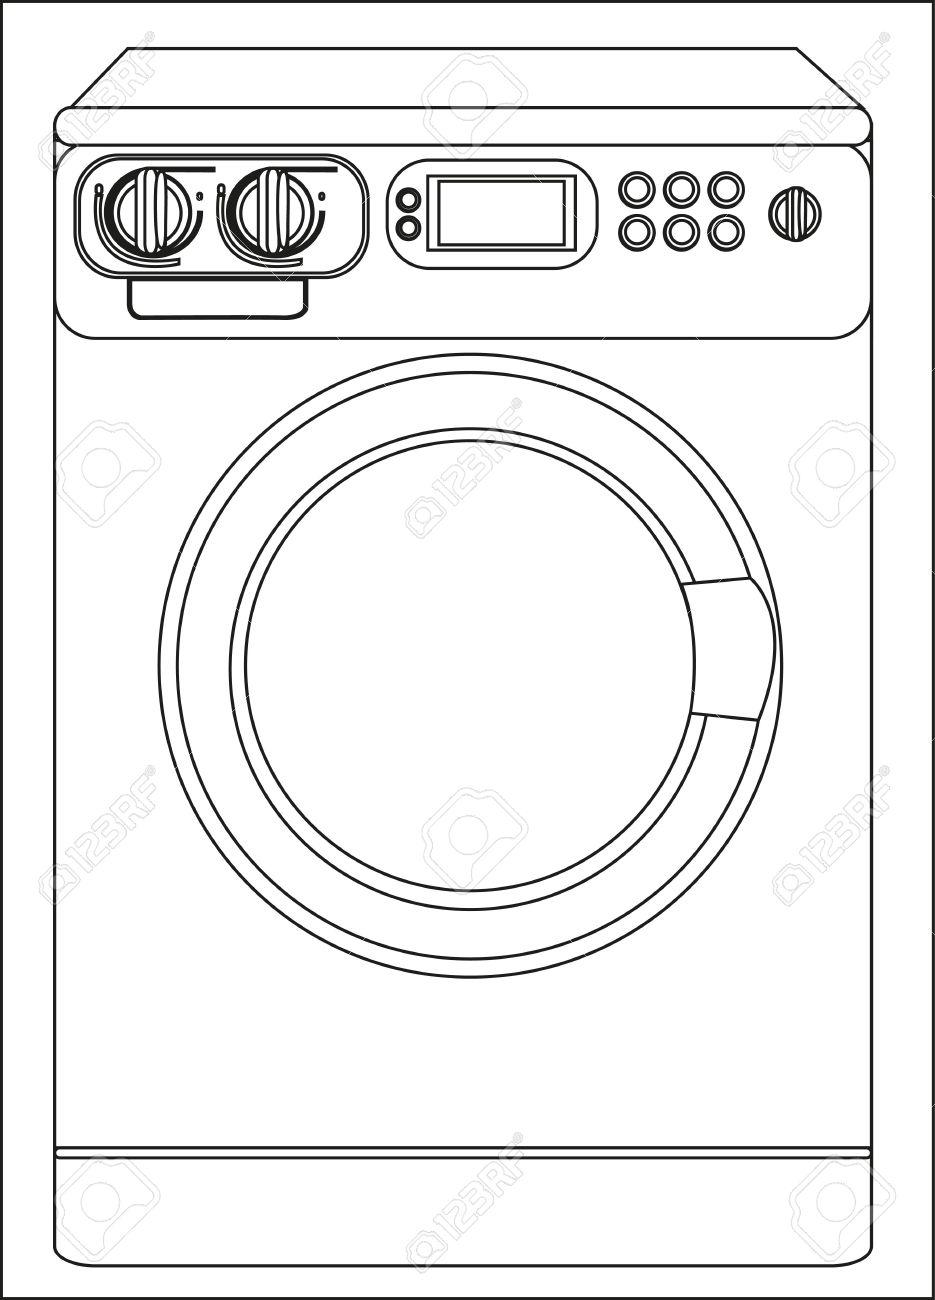 Illustration Of A Washing Machine, Isolated On White Background.